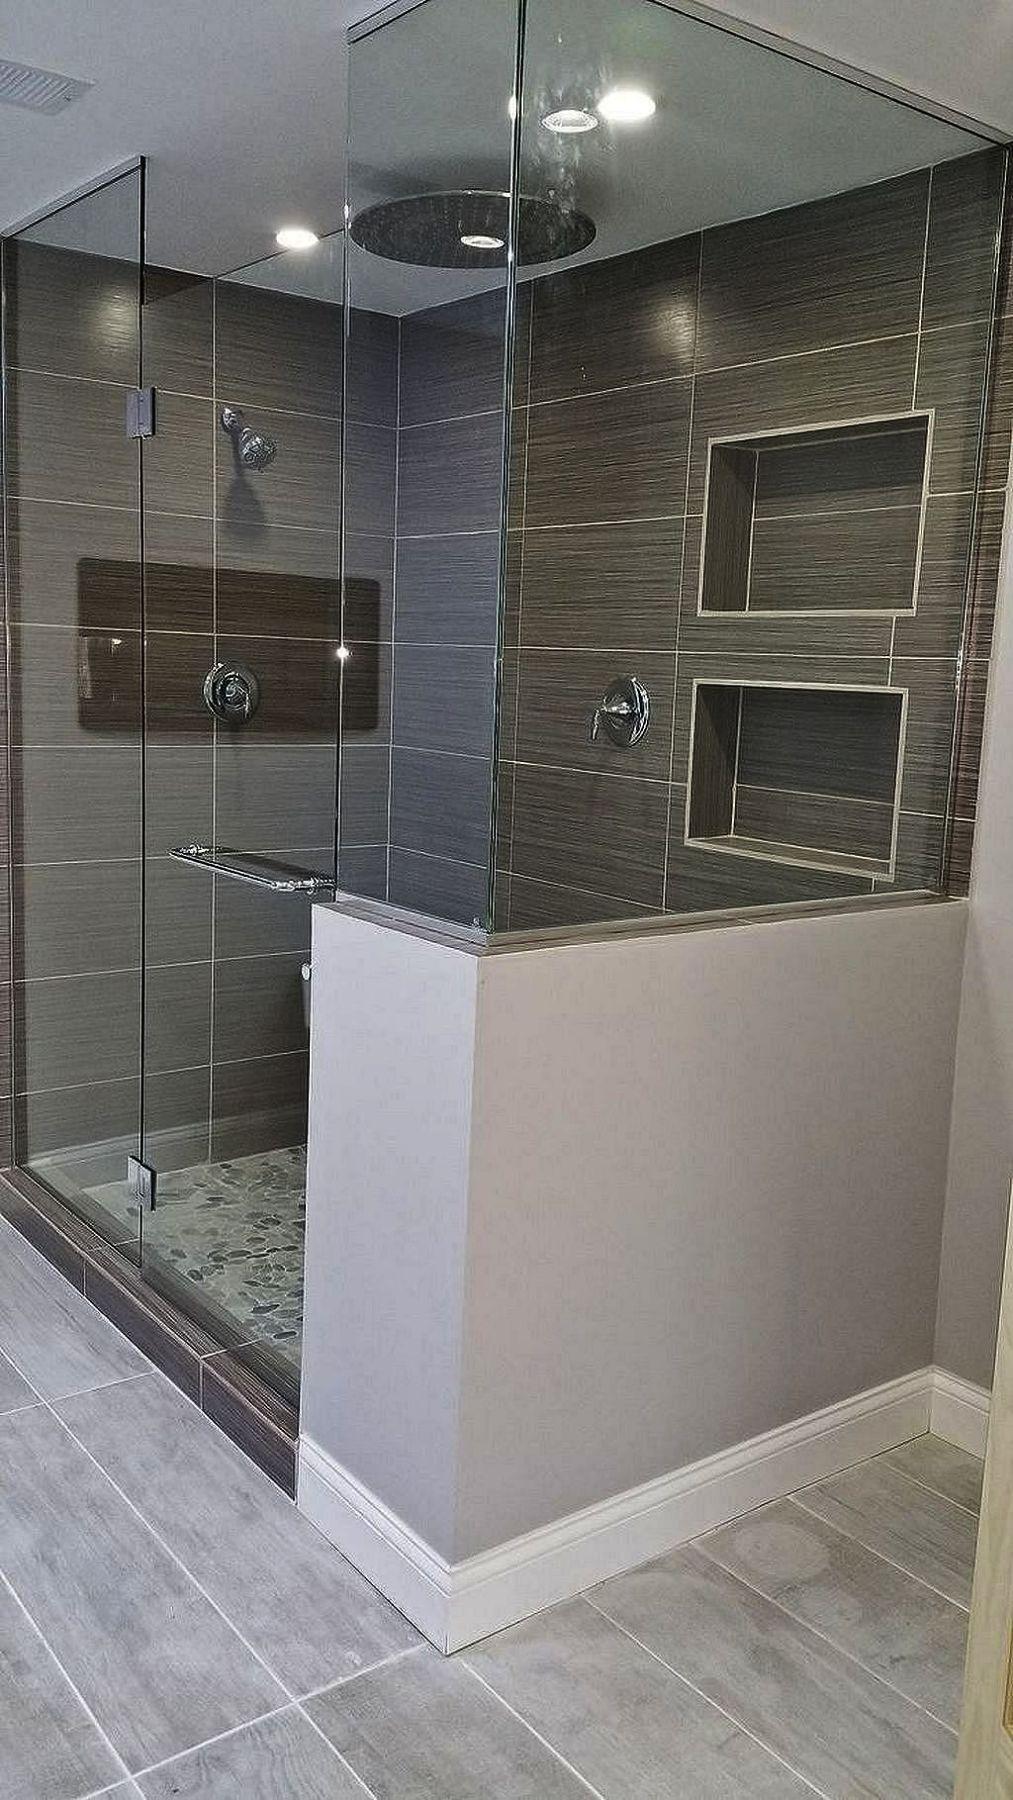 White Floating Shelves In The Bathroom